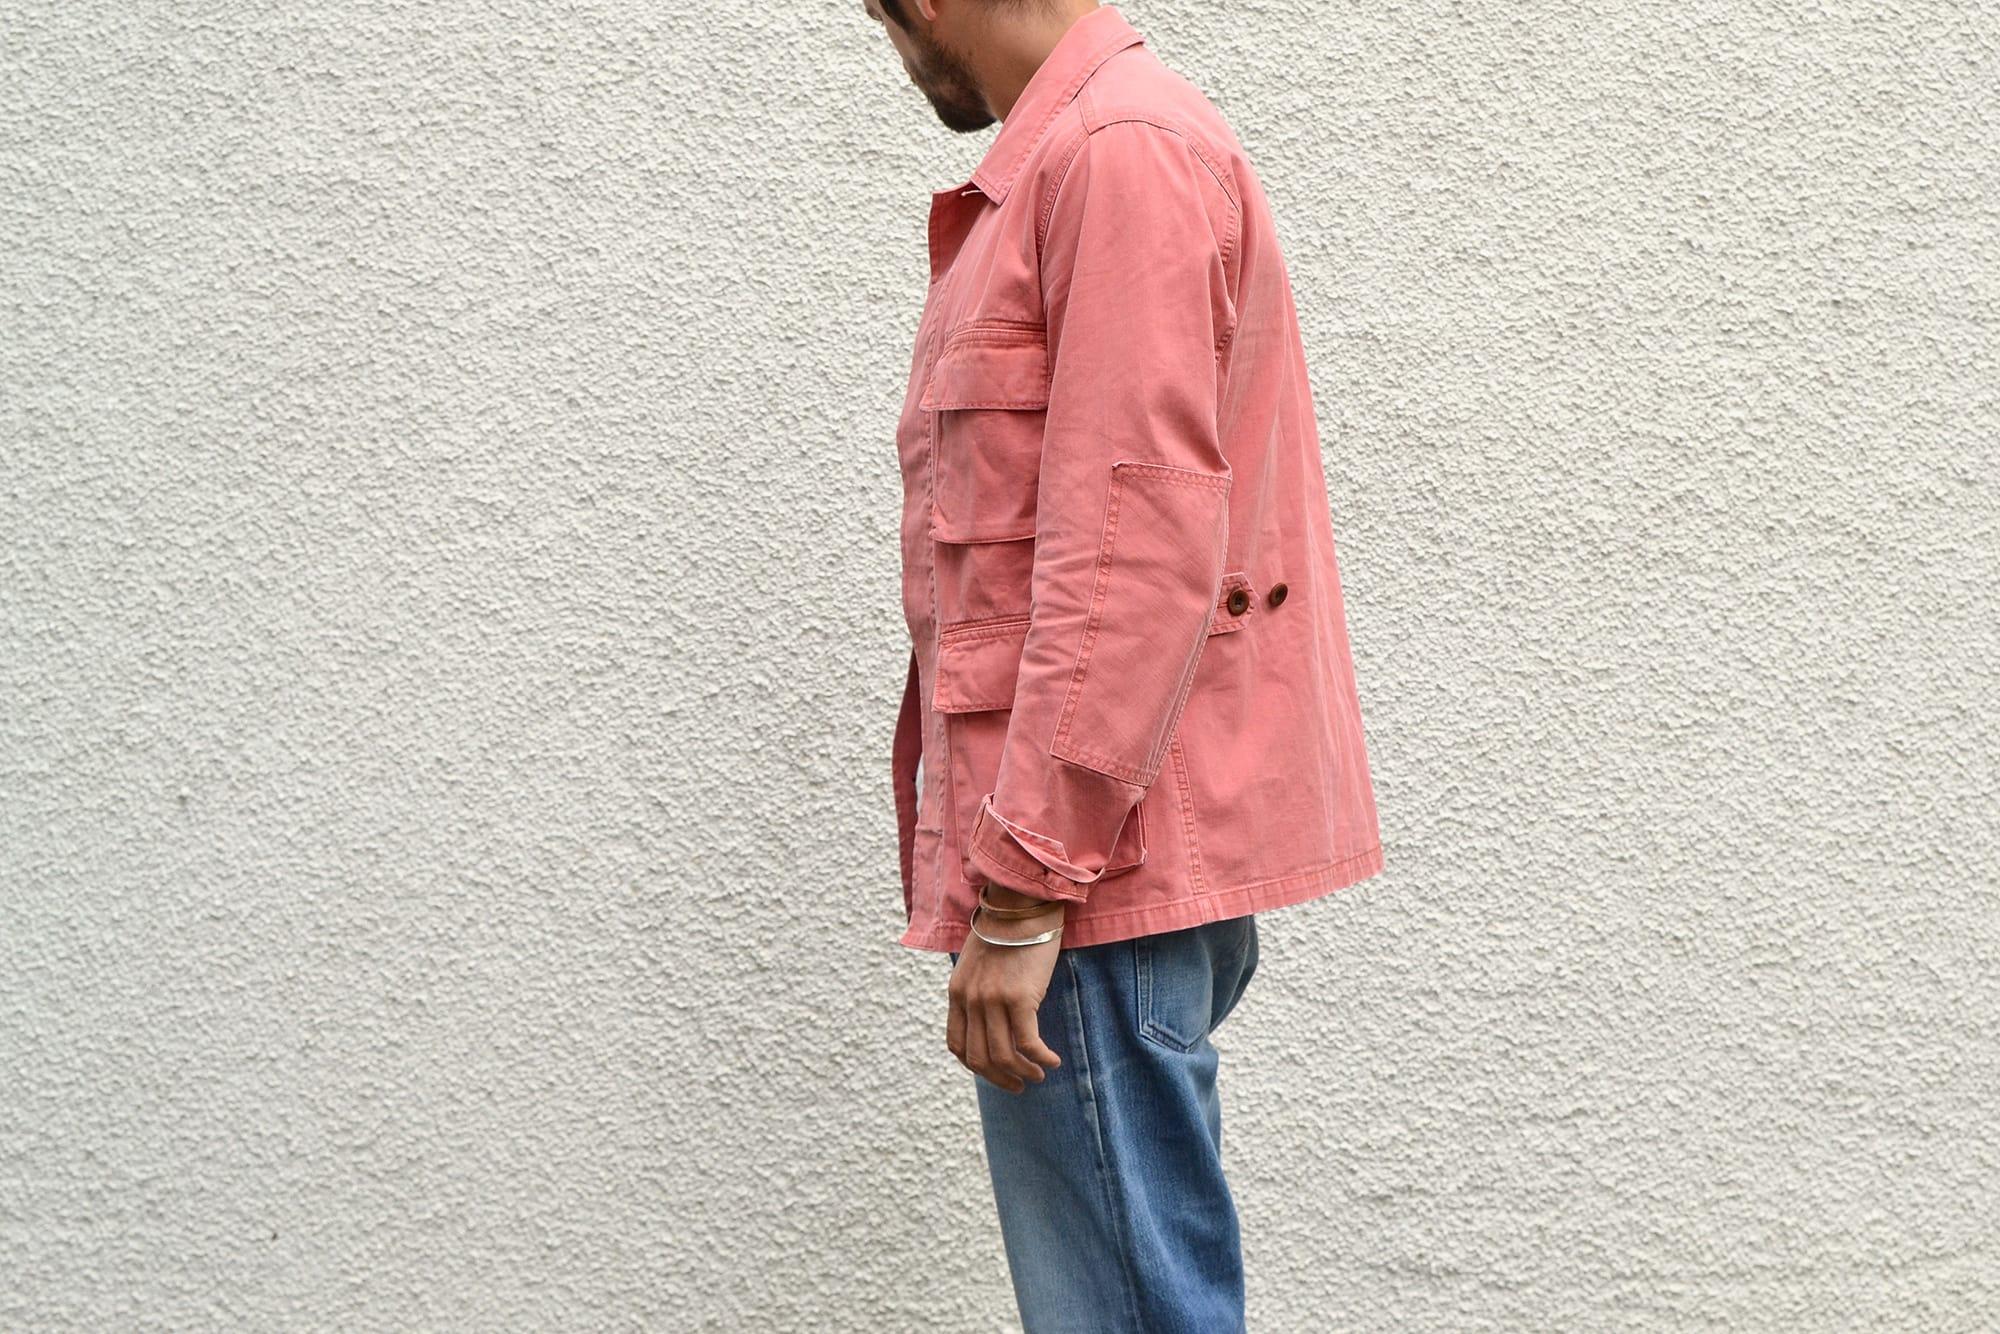 comment porter une pièce forte ou un vêtement rose quand on est un homme